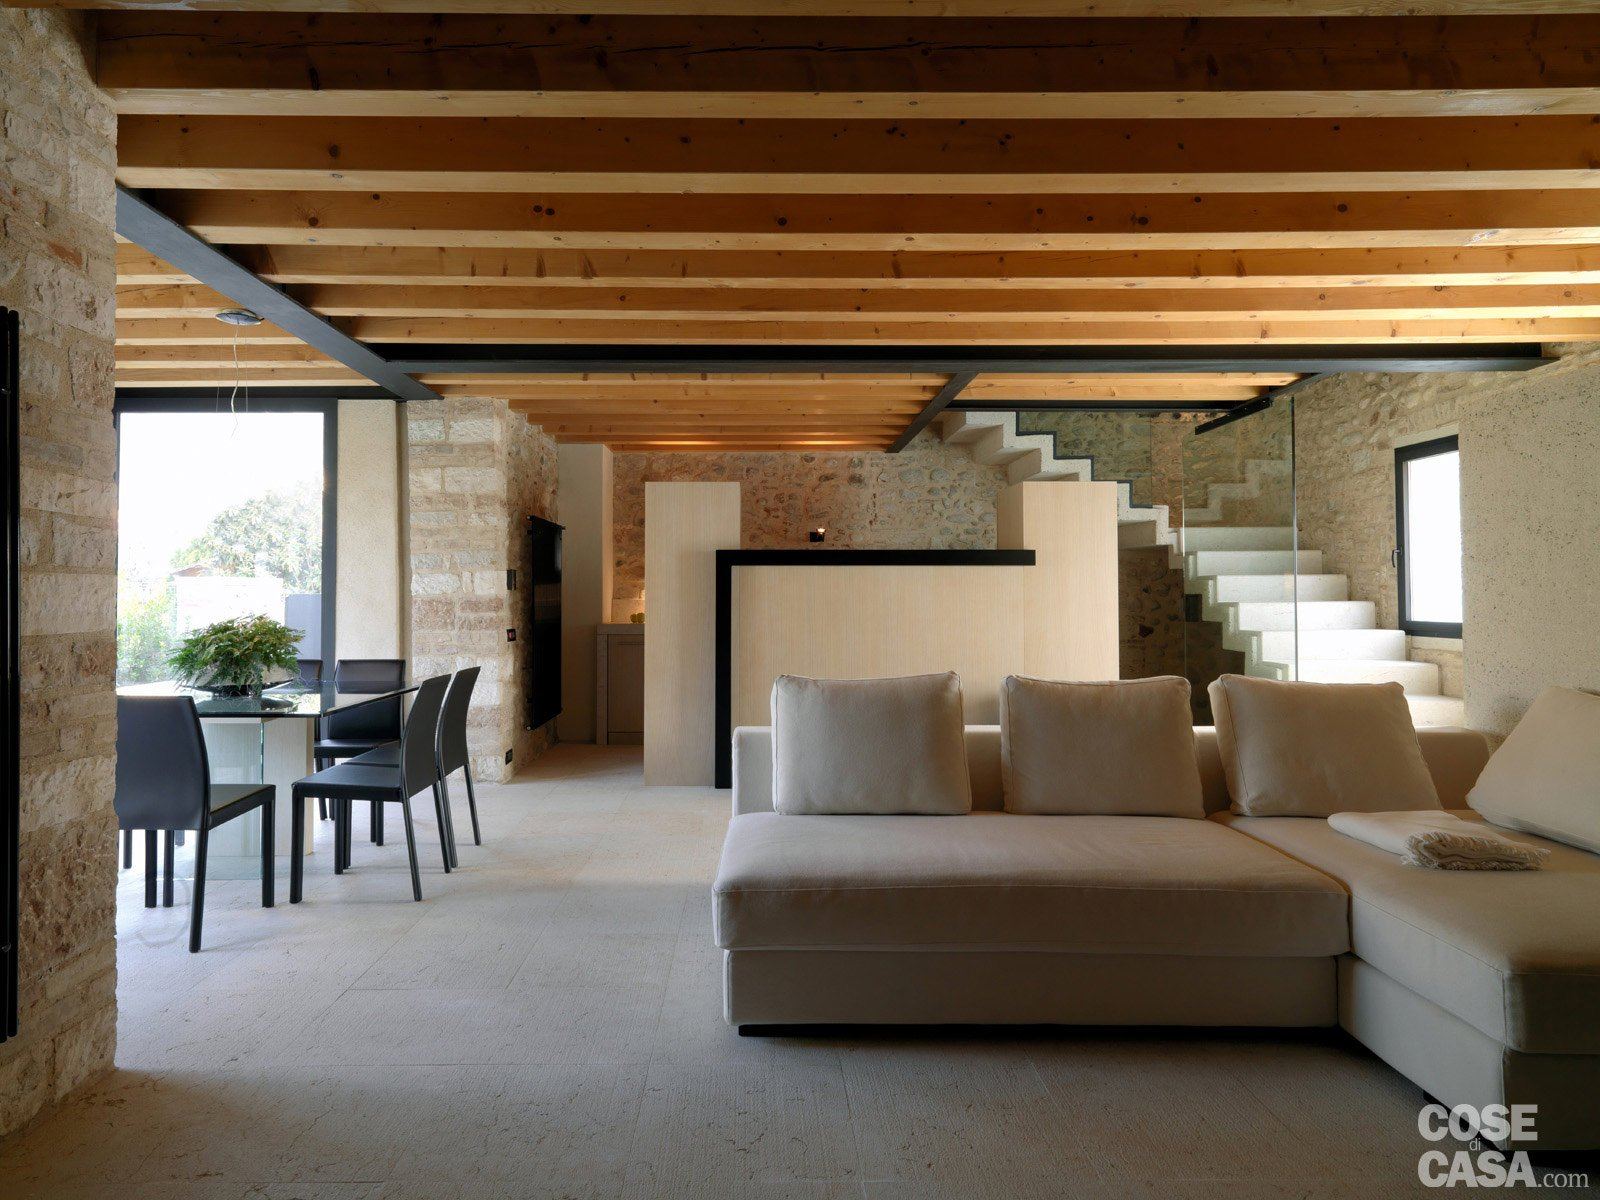 Legno e pietra a vista nella casa restaurata cose di casa - Piastrelle per salone ...